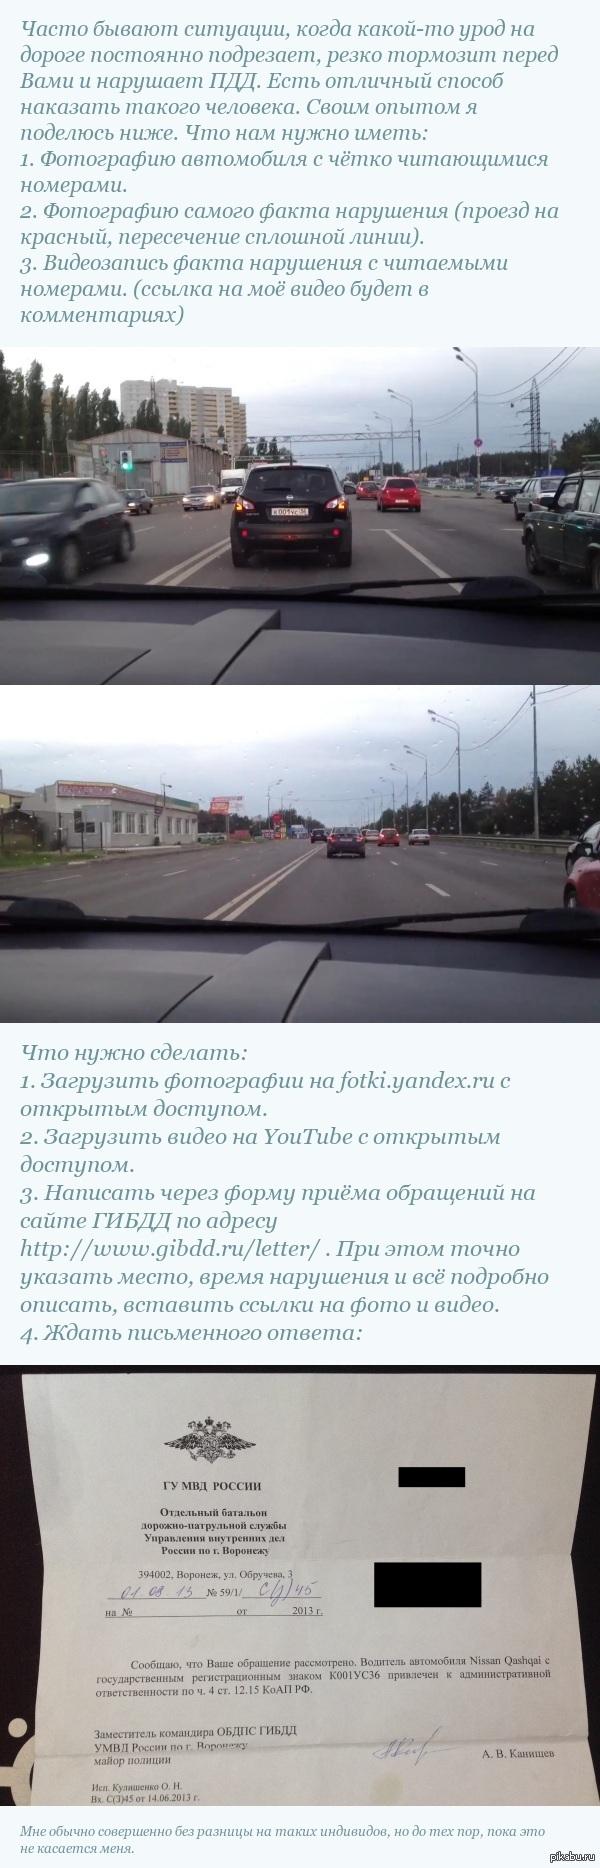 Как наказать нарушителя на дороге, подробная инструкция.